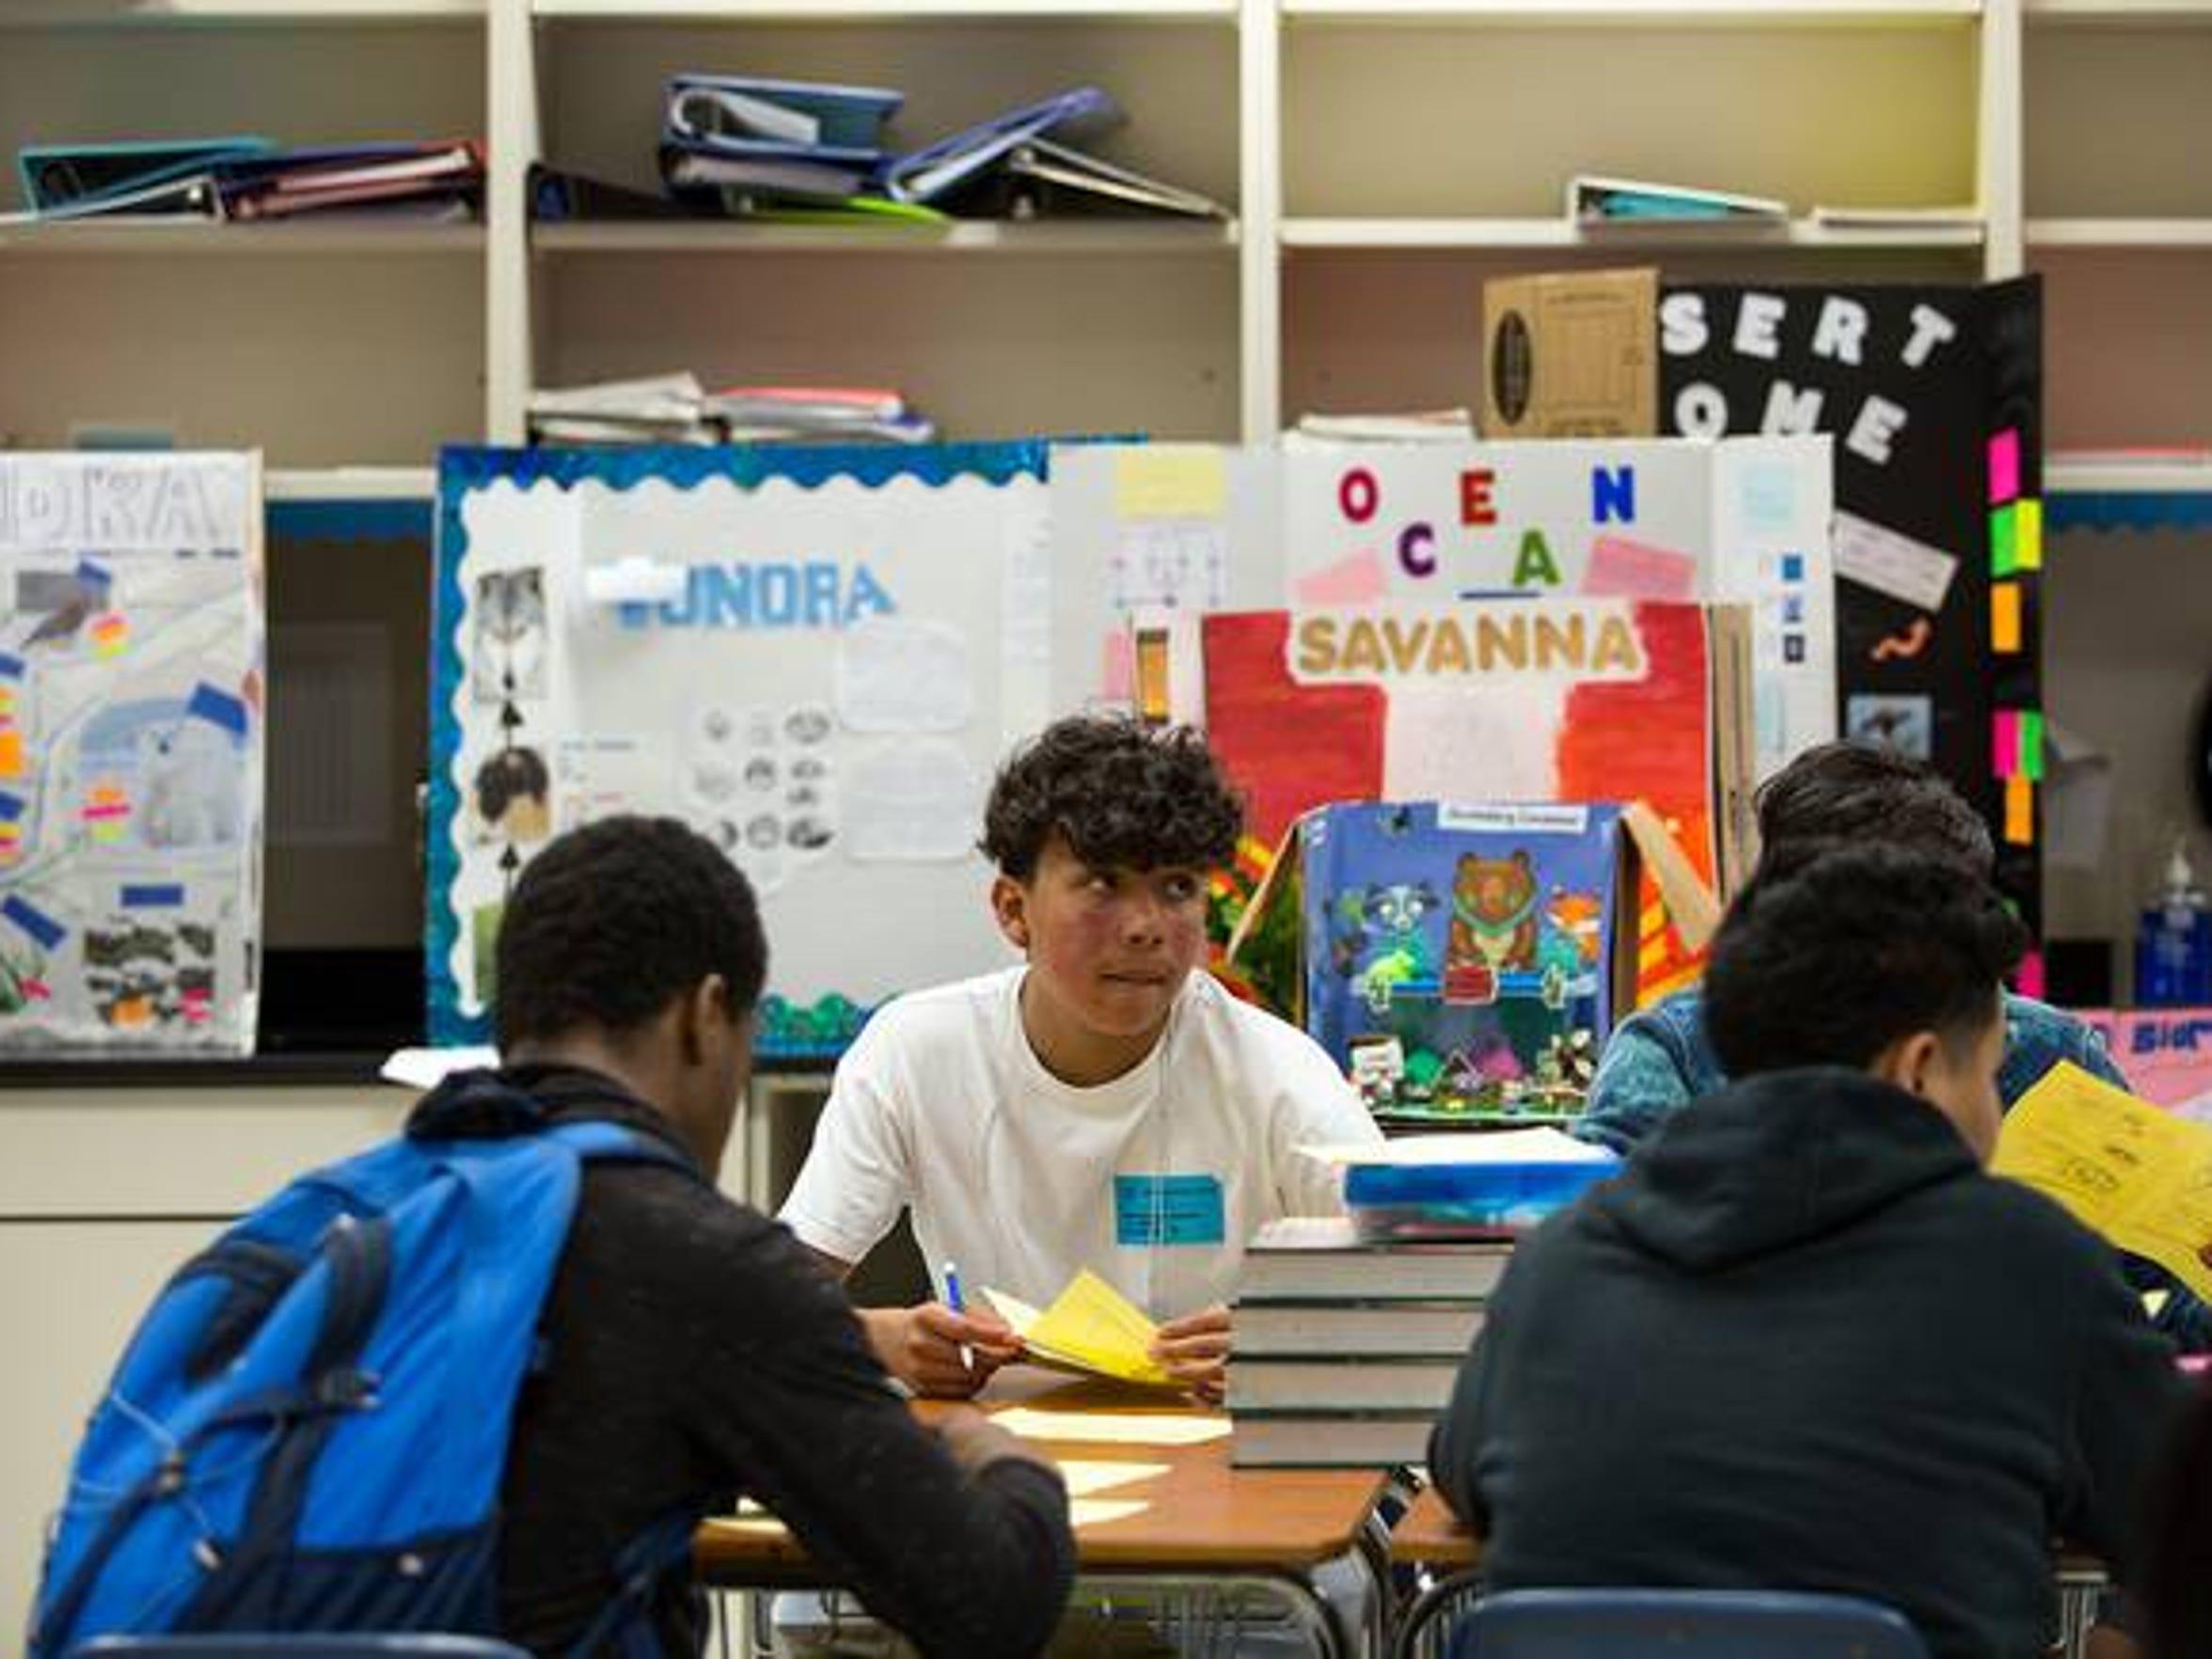 Daniel Saldana, a ninth-grade student at Elsik Ninth